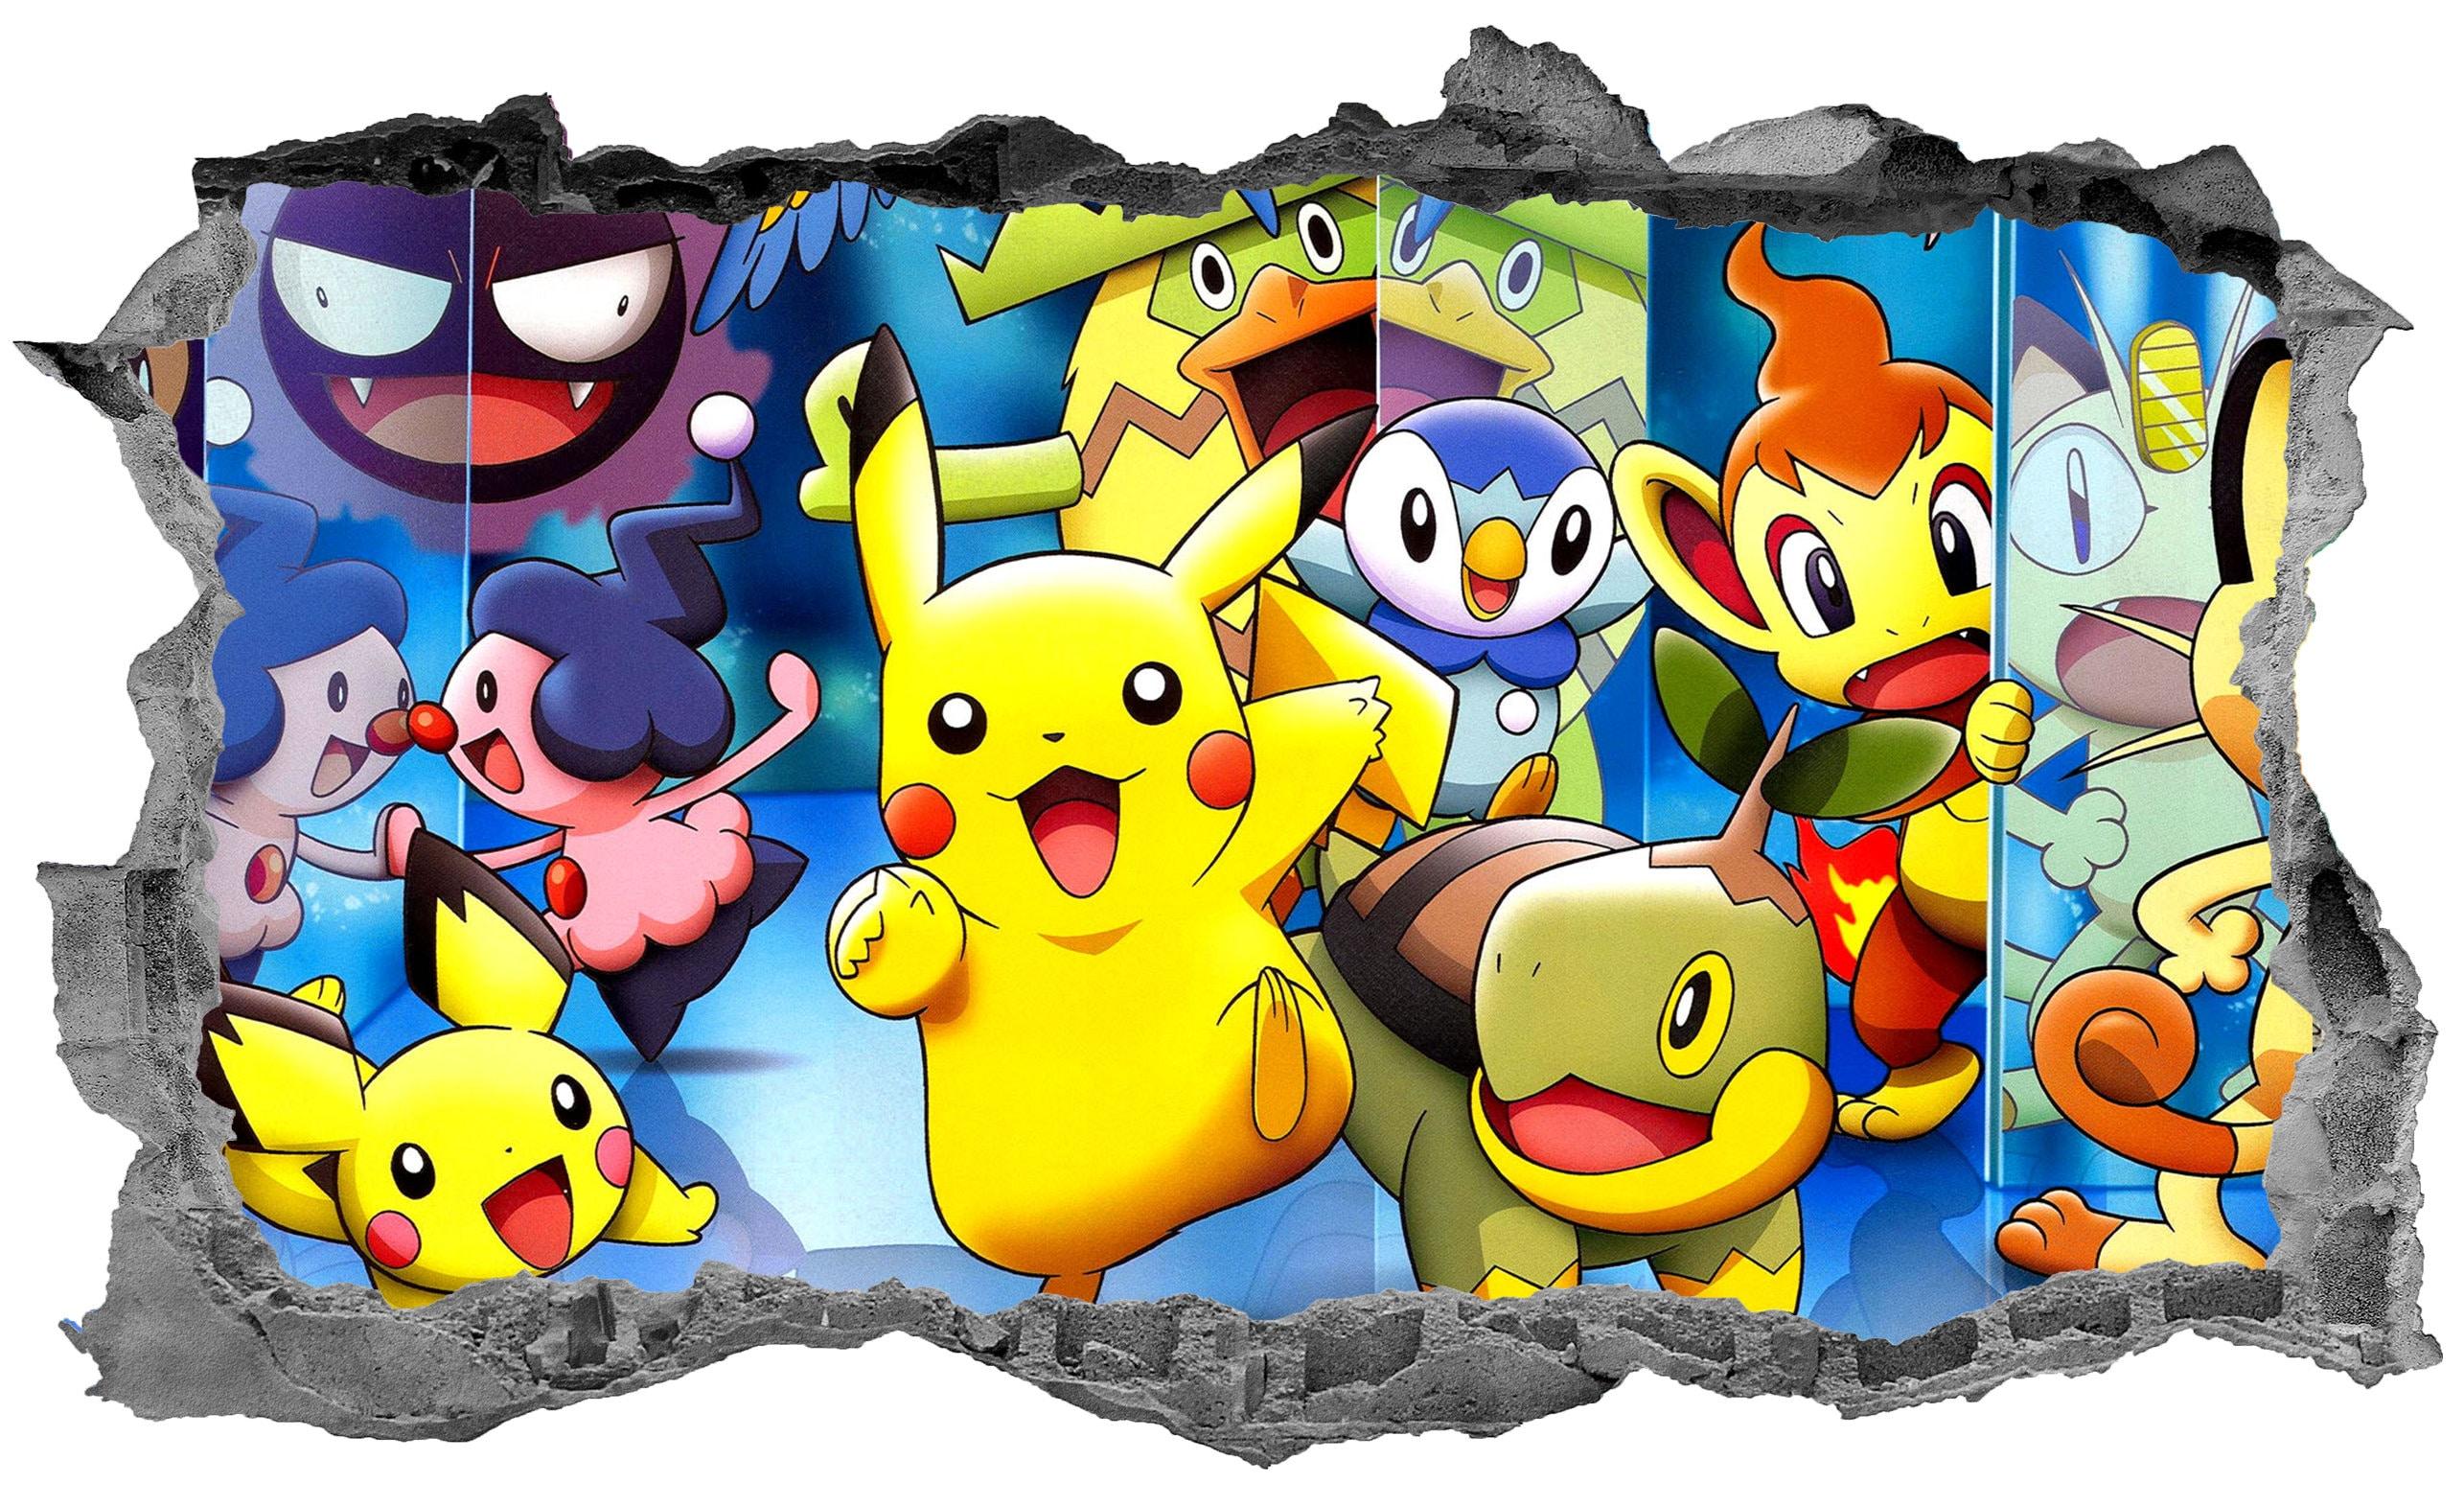 Wandtattoos Wandbilder Pokemon Sticker Kids Decal 3d Bedroom Wall Art Decor Mobel Wohnen